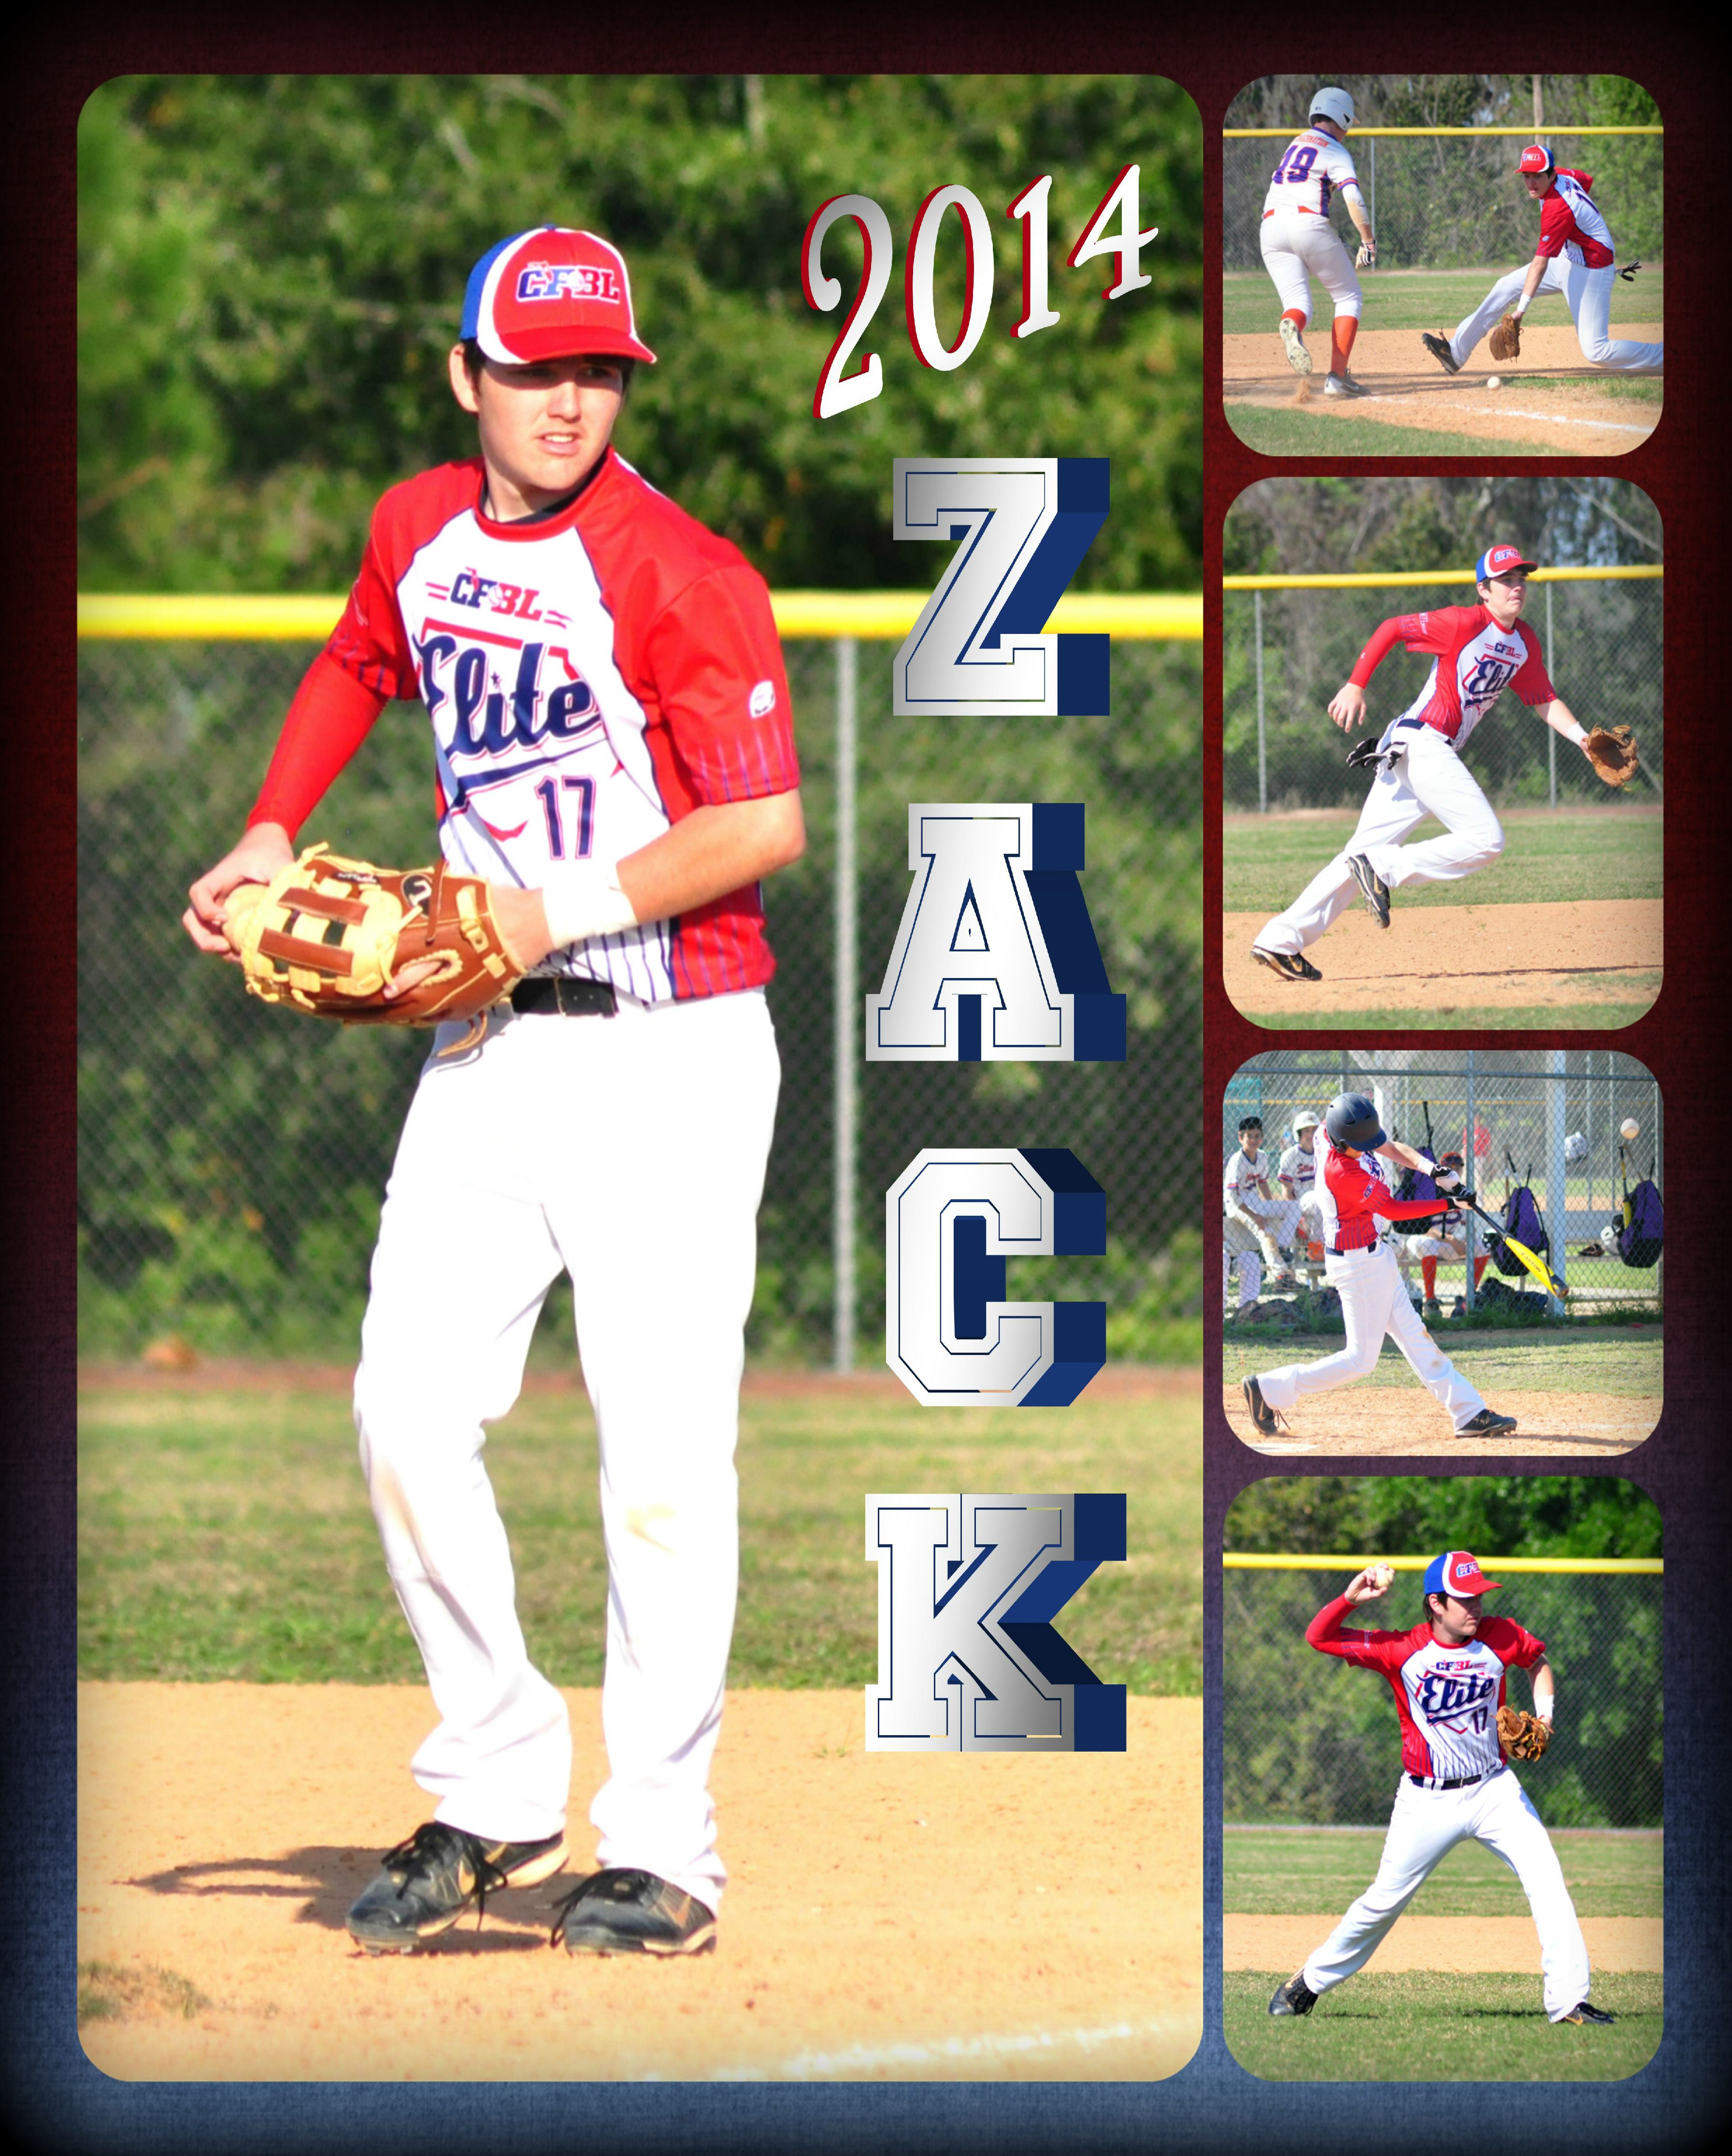 Baseball Action Shots Tlc Photography Baseball Photography Baseball Photography